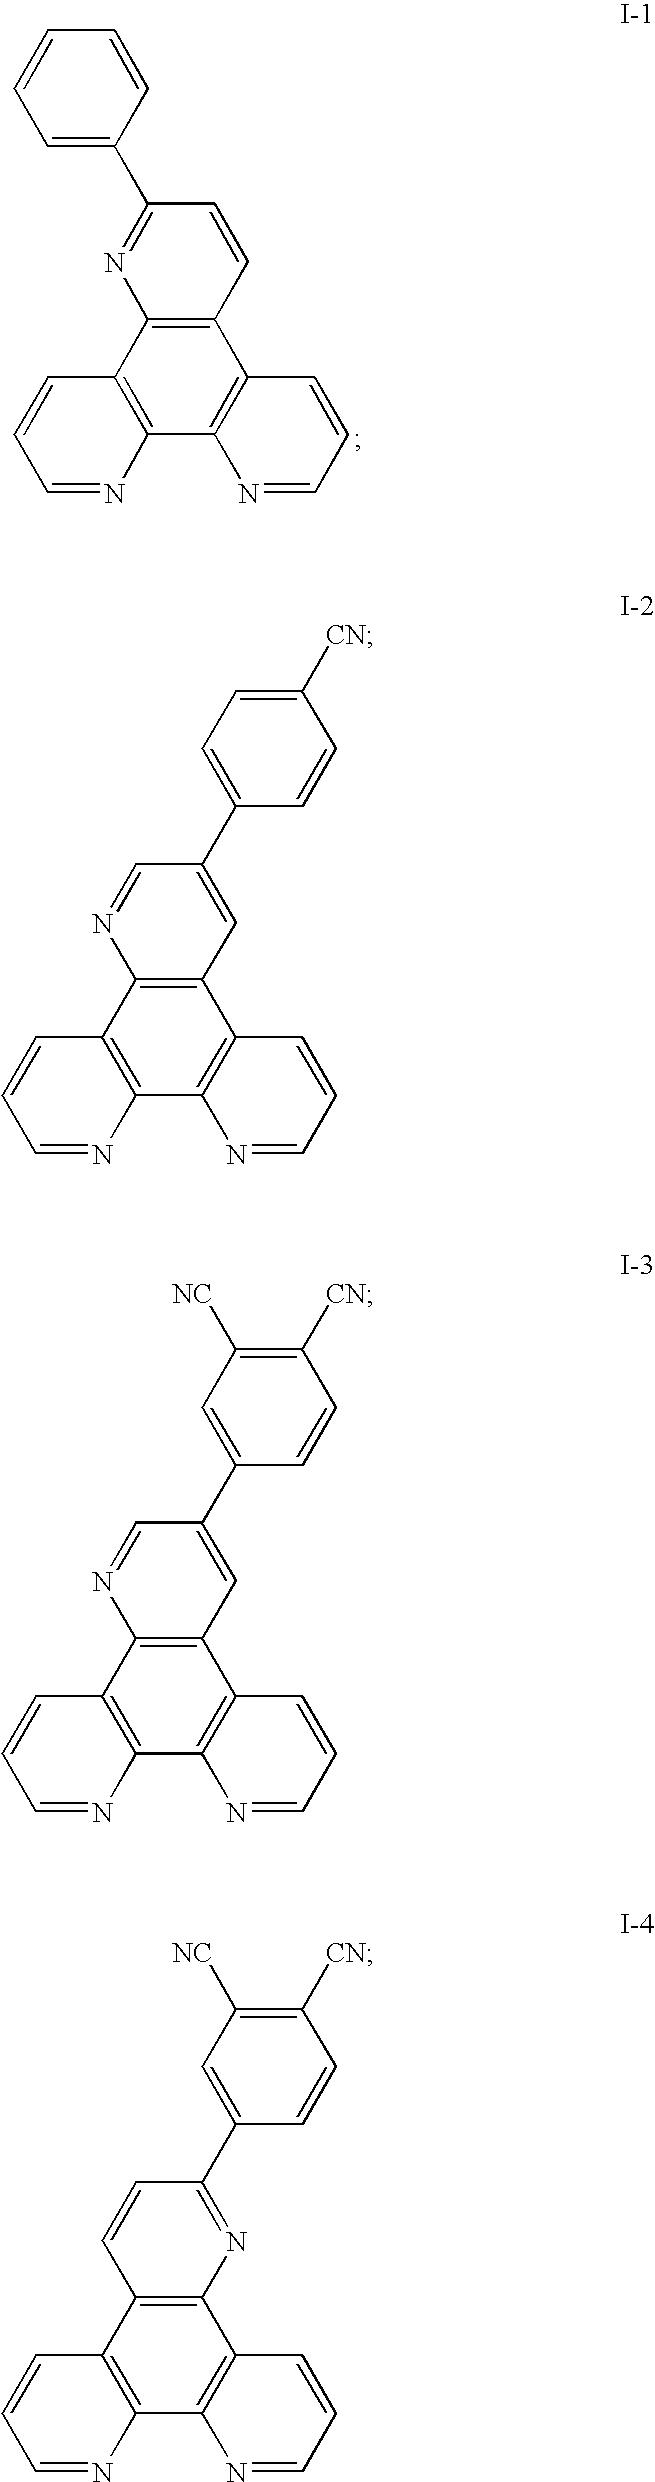 Figure US20090115316A1-20090507-C00047